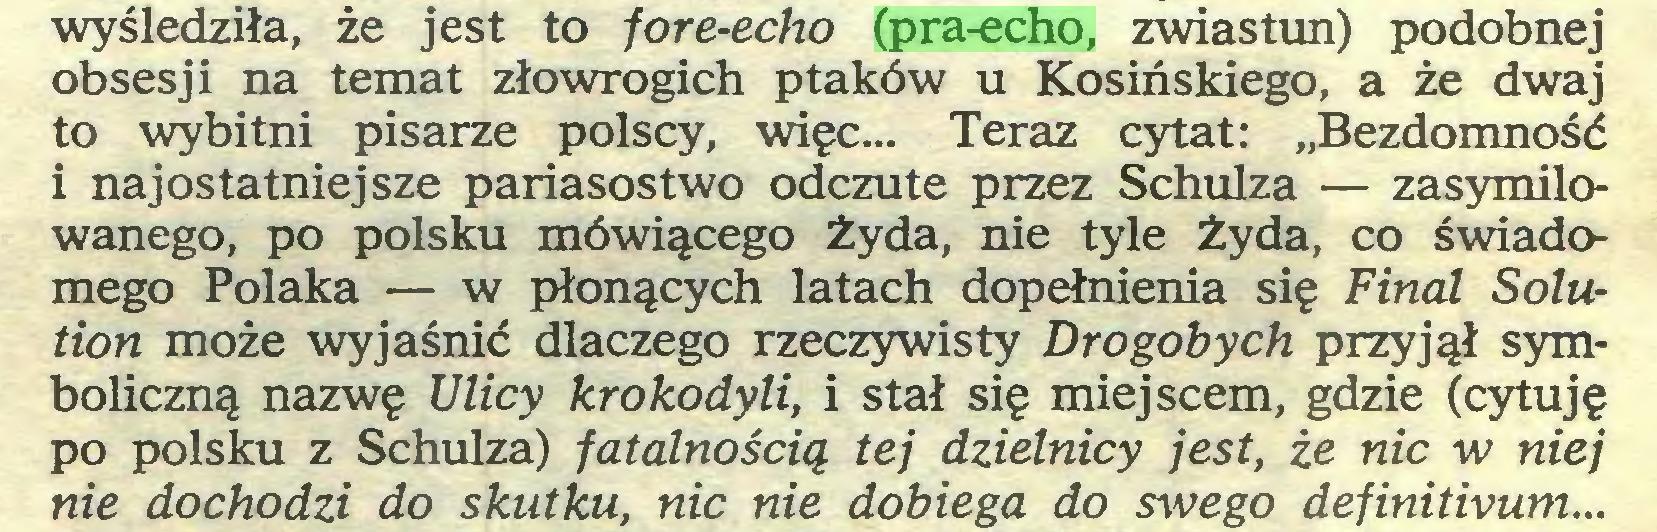 """(...) wyśledziła, że jest to fore-echo (pra-echo, zwiastun) podobnej obsesji na temat złowrogich ptaków u Kosińskiego, a że dwaj to wybitni pisarze polscy, więc... Teraz cytat: """"Bezdomność i naj ostatniej sze pariasostwo odczute przez Schulza — zasymilowanego, po polsku mówiącego żyda, nie tyle Żyda, co świadomego Polaka — w płonących latach dopełnienia się Final Solution może wyjaśnić dlaczego rzeczywisty Drogobych przyjął symboliczną nazwę Ulicy krokodyli, i stał się miejscem, gdzie (cytuję po polsku z Schulza) fatalnością tej dzielnicy jest, że nic w niej nie dochodzi do skutku, nic nie dobiega do swego definitivum..."""